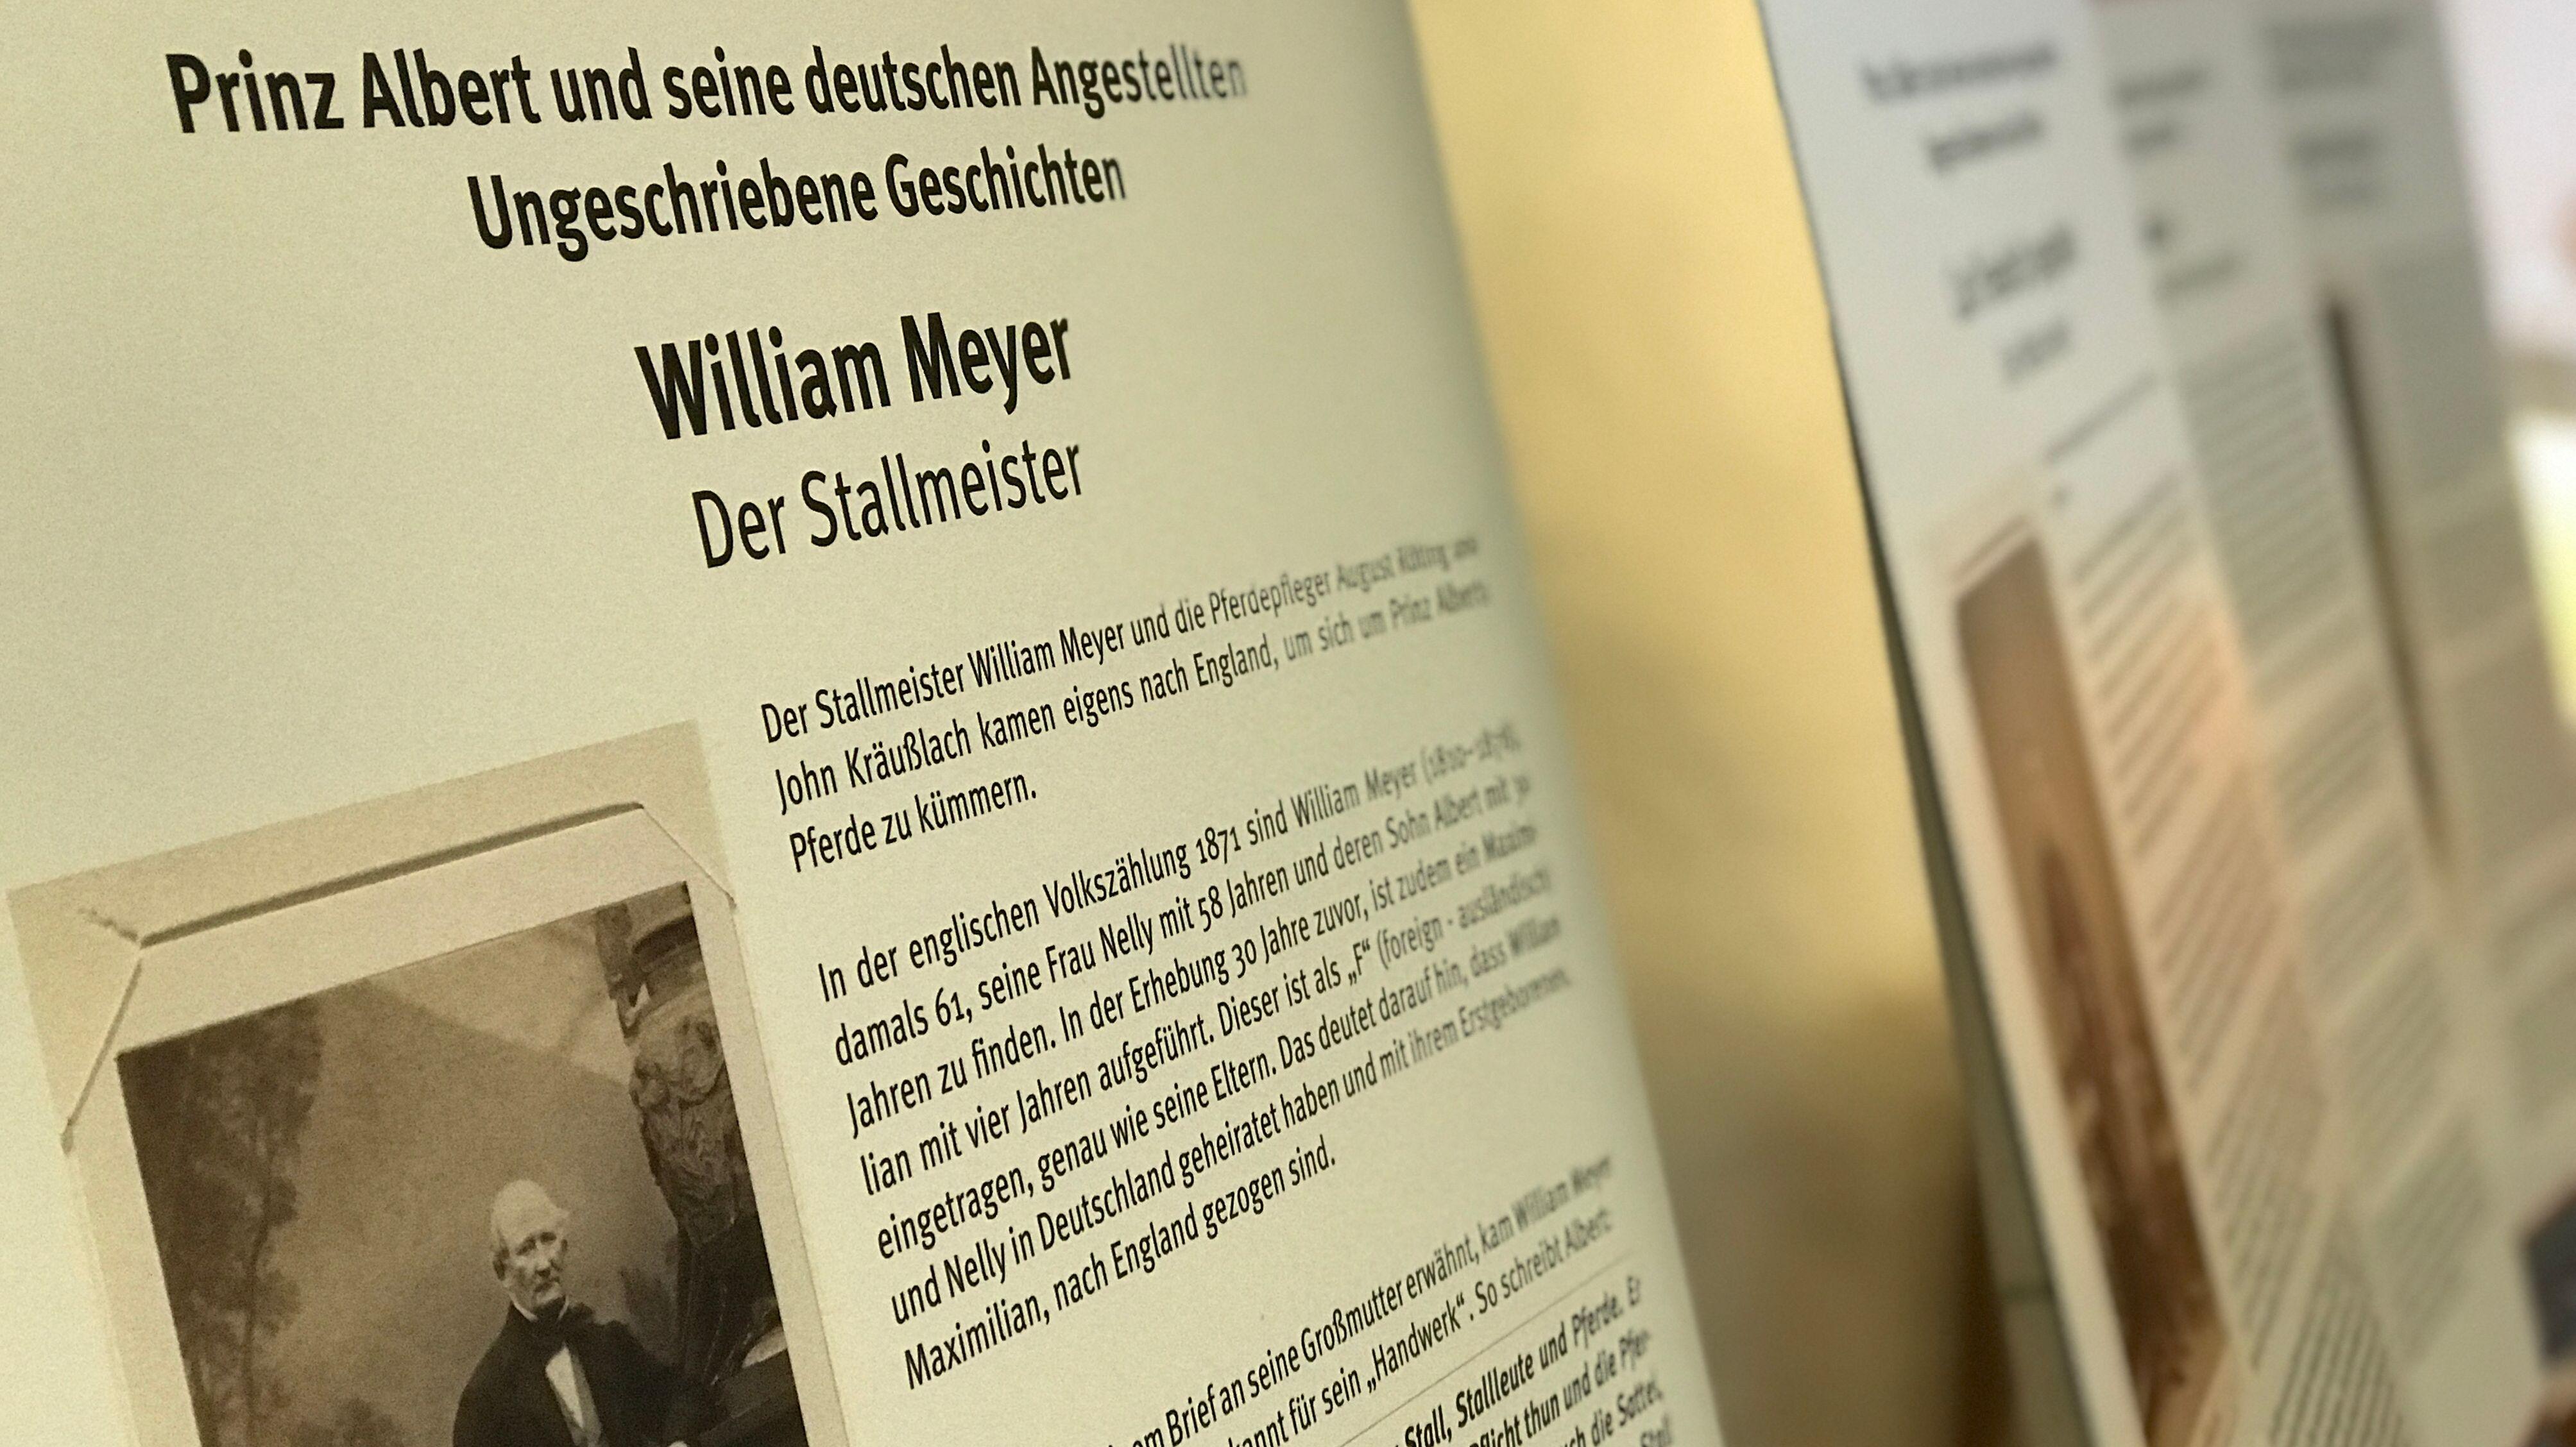 Ein Plakat mit einem Foto des Stallmeisters William Meyer, der ein Angestellter des Prinzen Albert von Sachsen-Coburg und Gotha war.